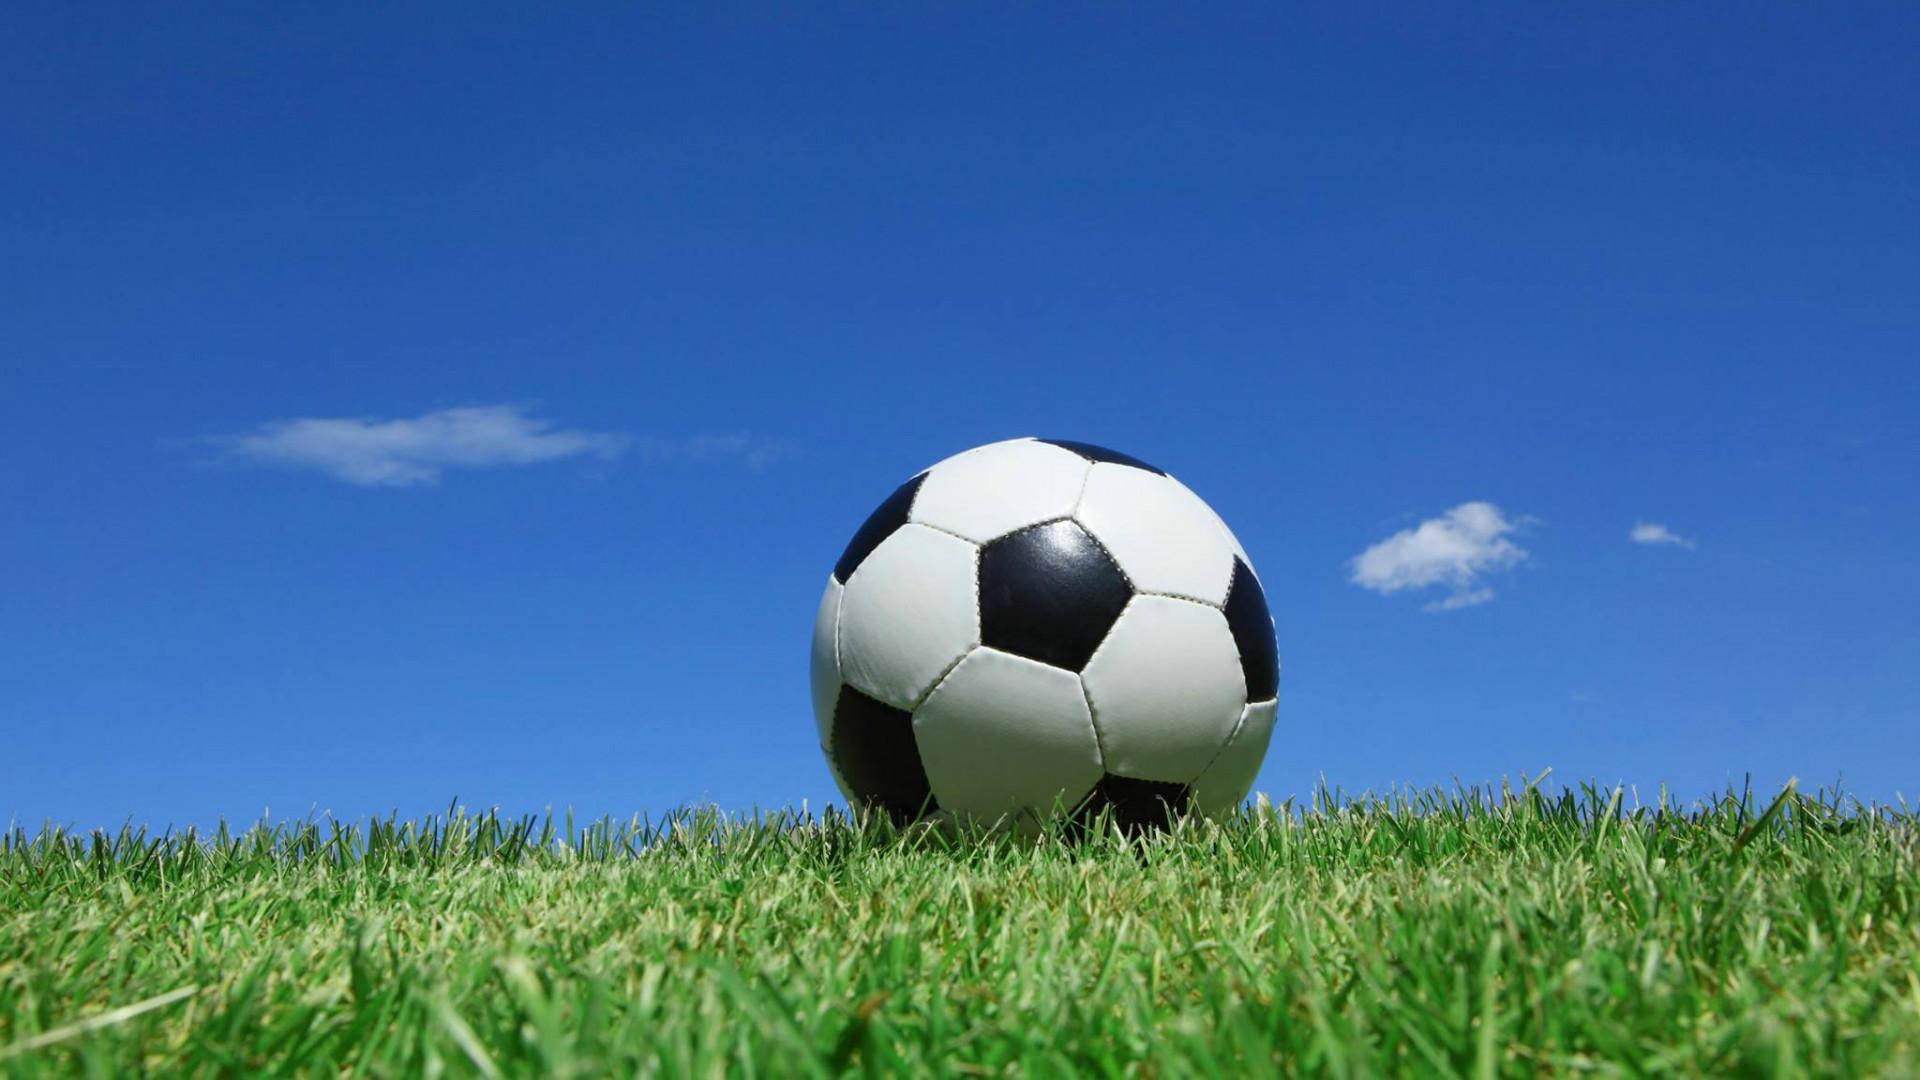 Cool Green Soccer Ball Wallpapers: Soccer Ball Wallpaper